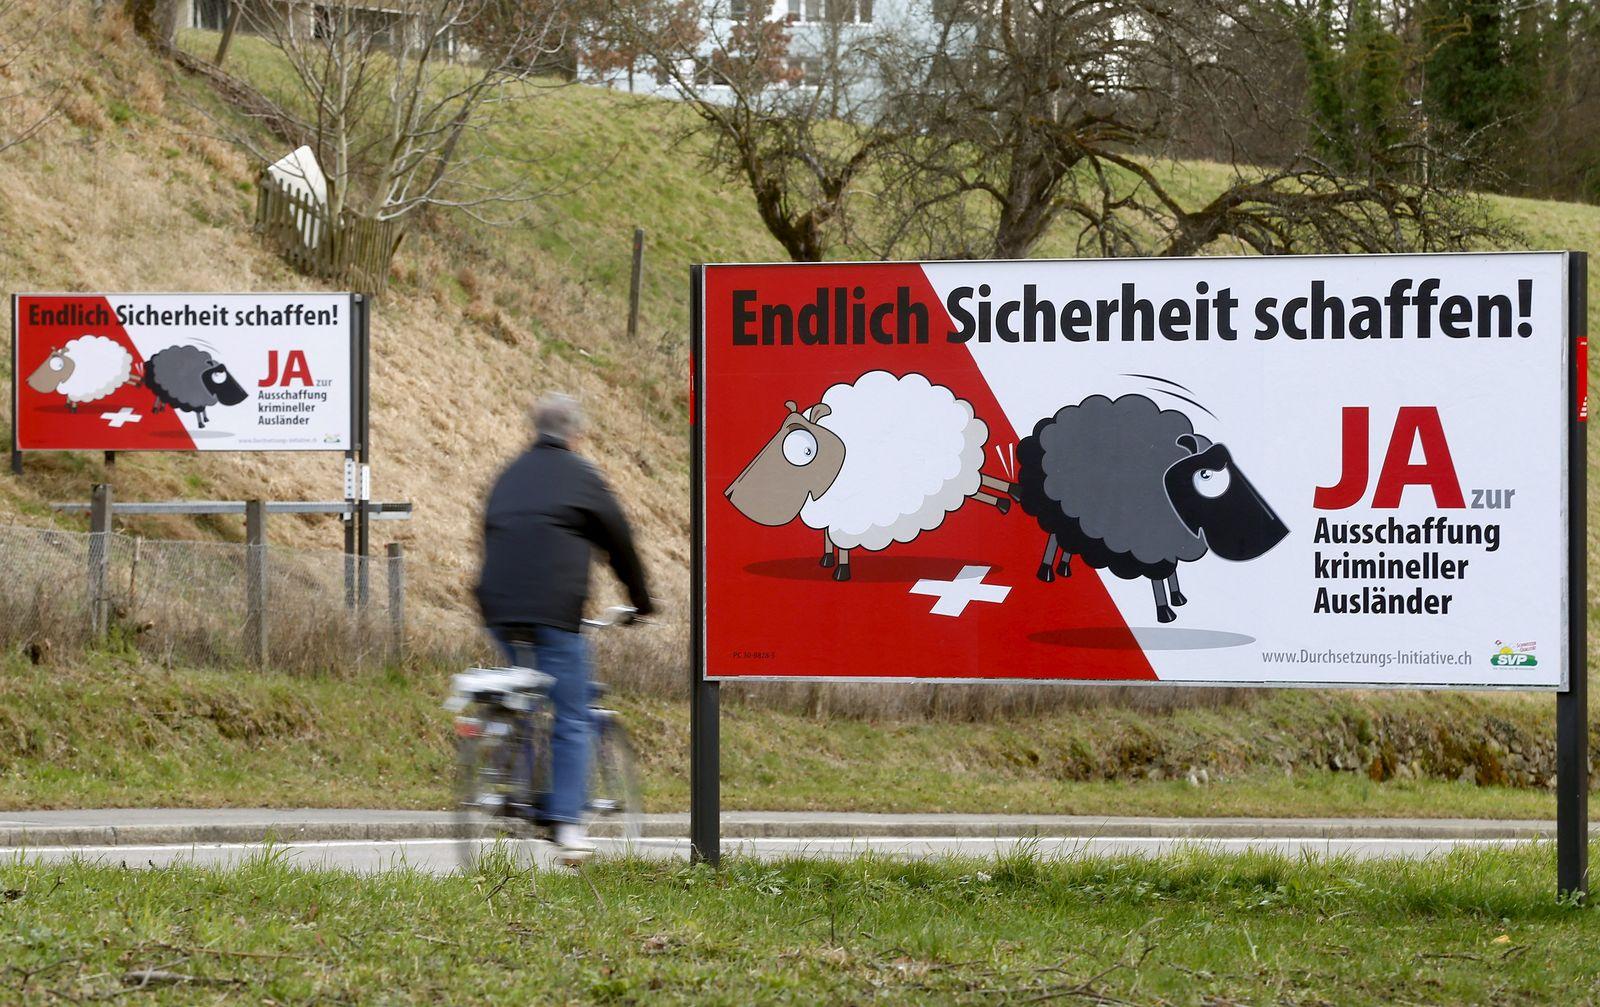 Schweiz / SVP / Plakate / Durchsetzungsinitiative